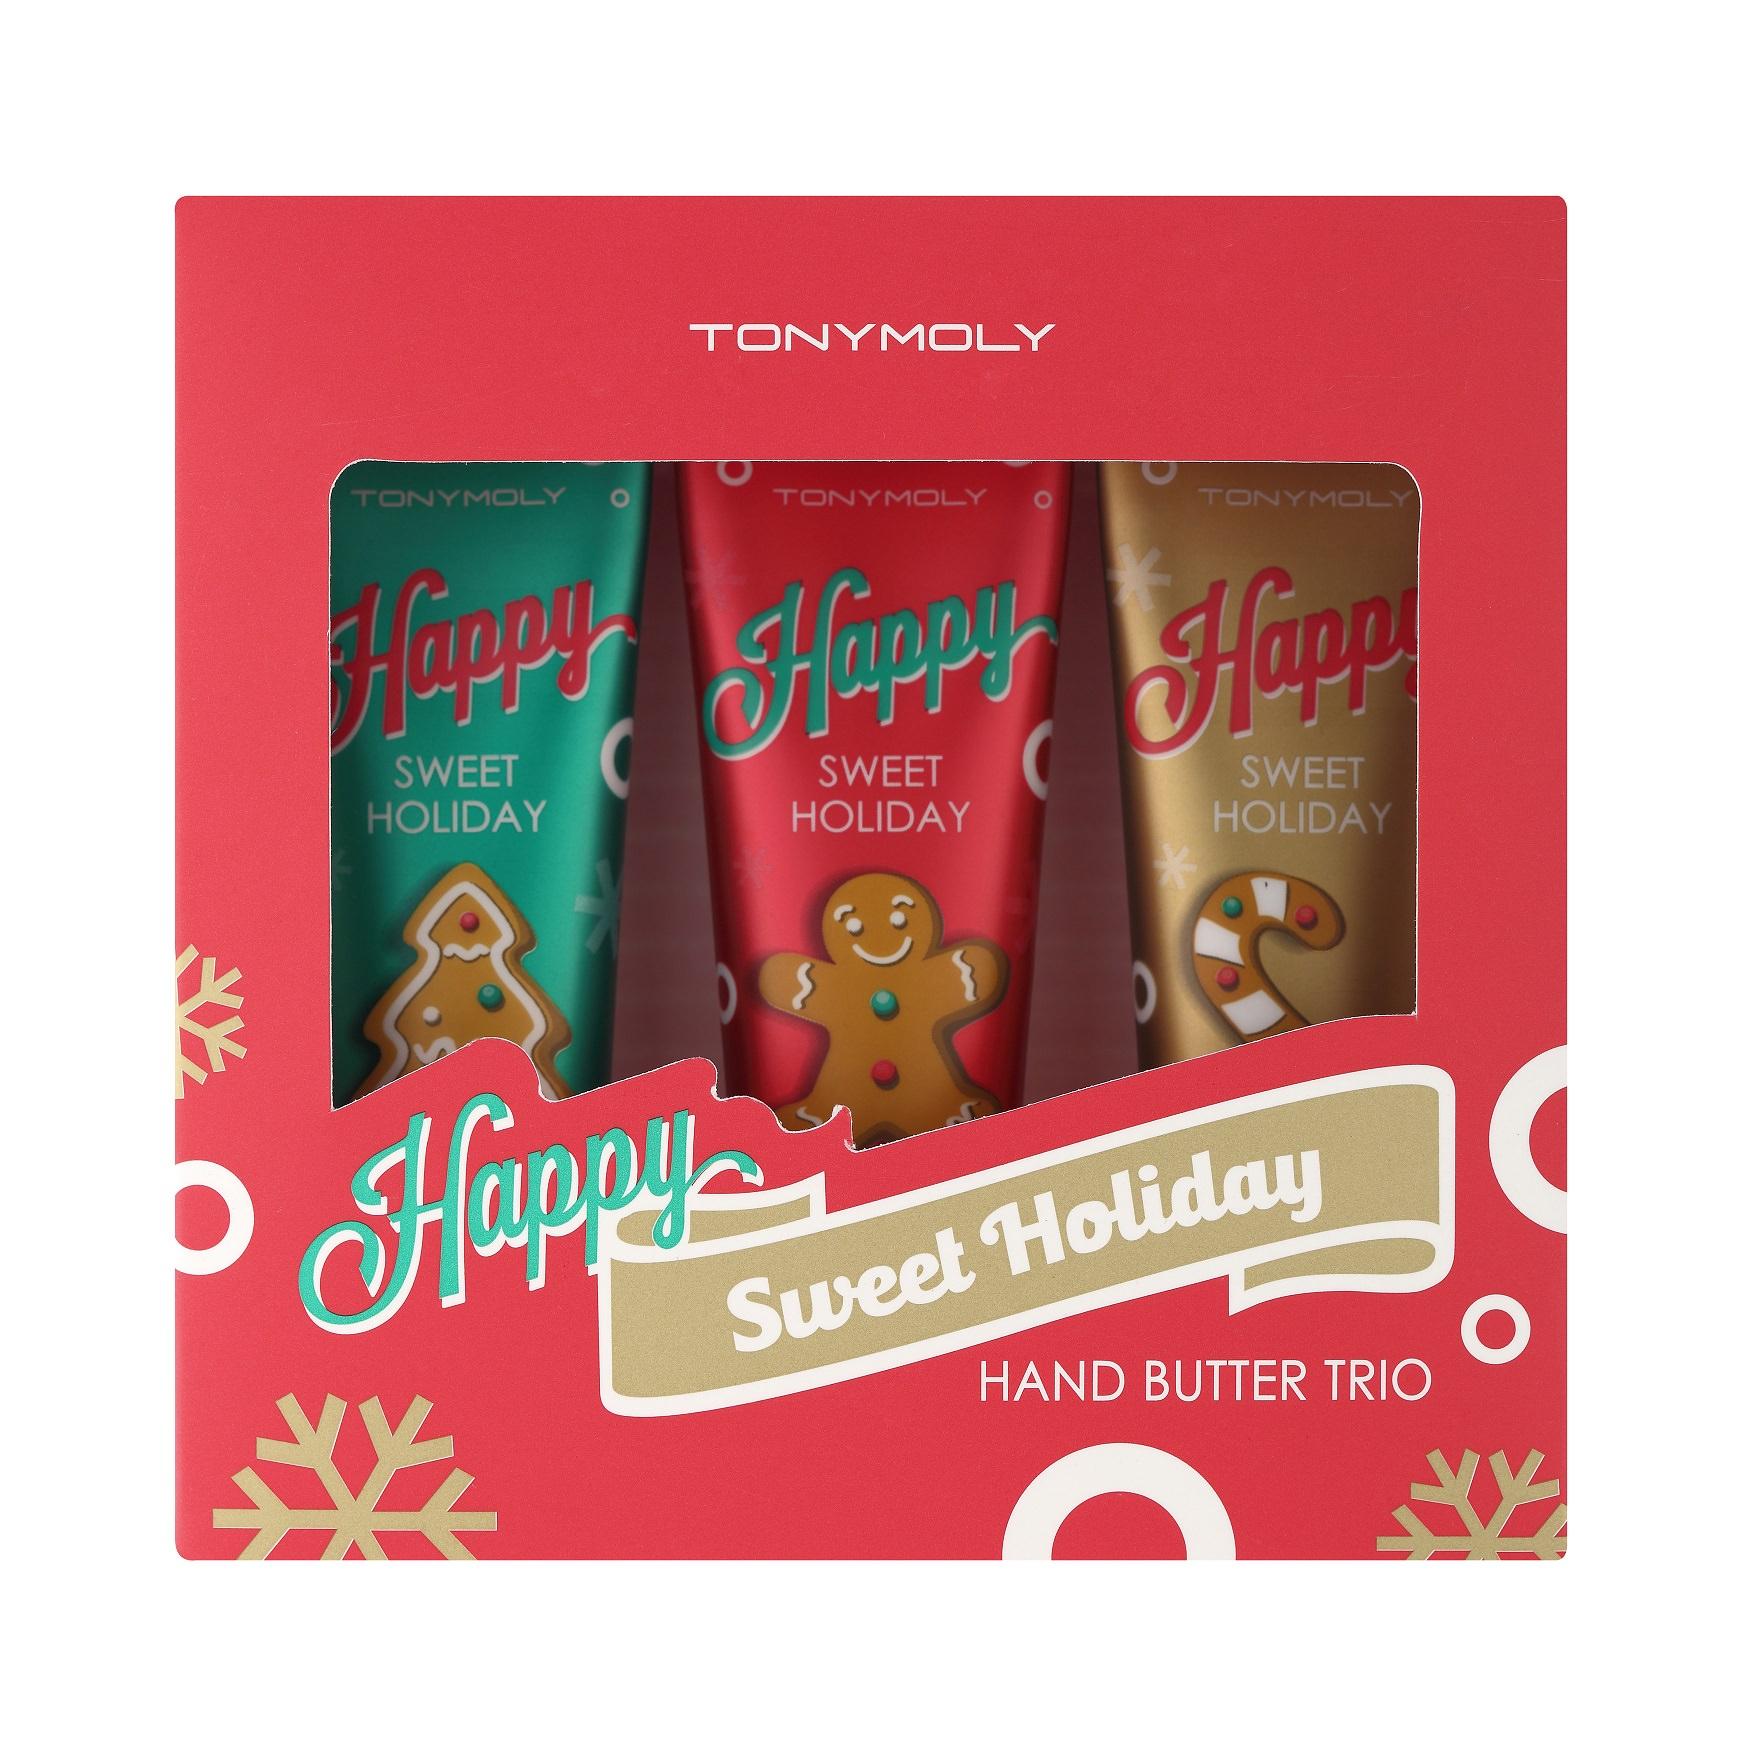 tony-moly-happy-sweet-hand-butter-trio